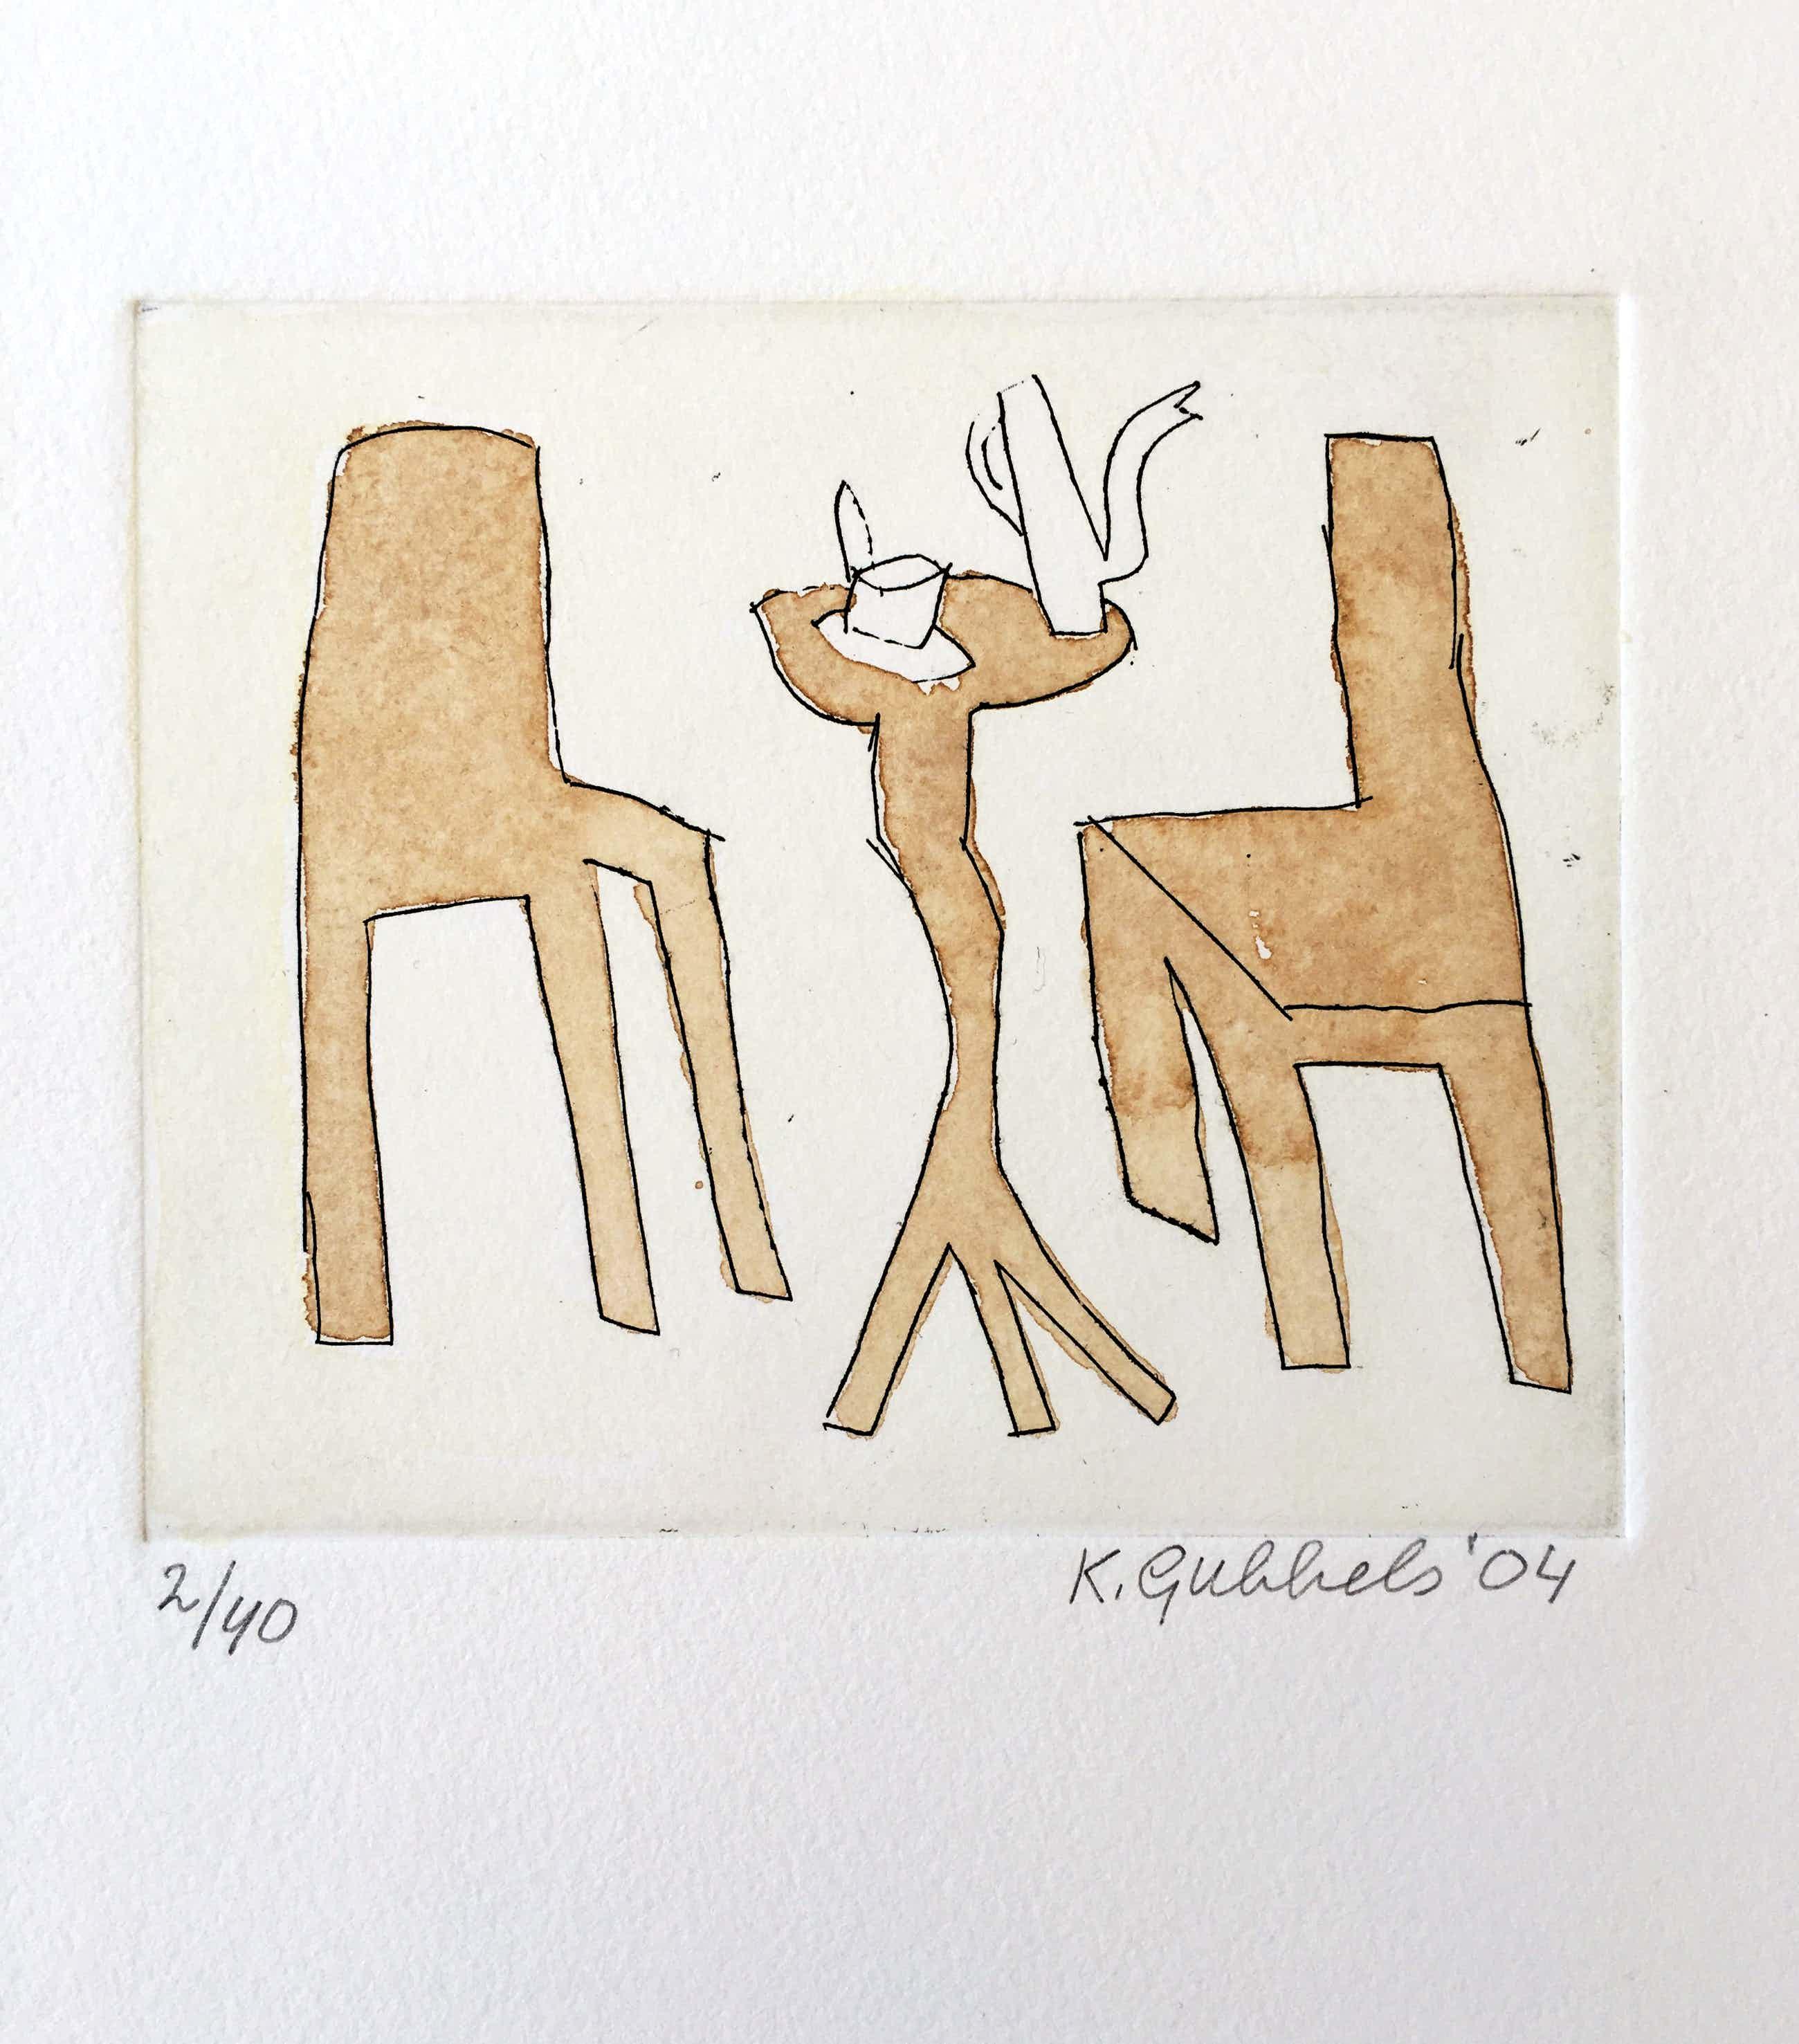 Klaas Gubbels - ets met aquarel ingekleurd - 'Interieur met servies' - 2004 kopen? Bied vanaf 245!